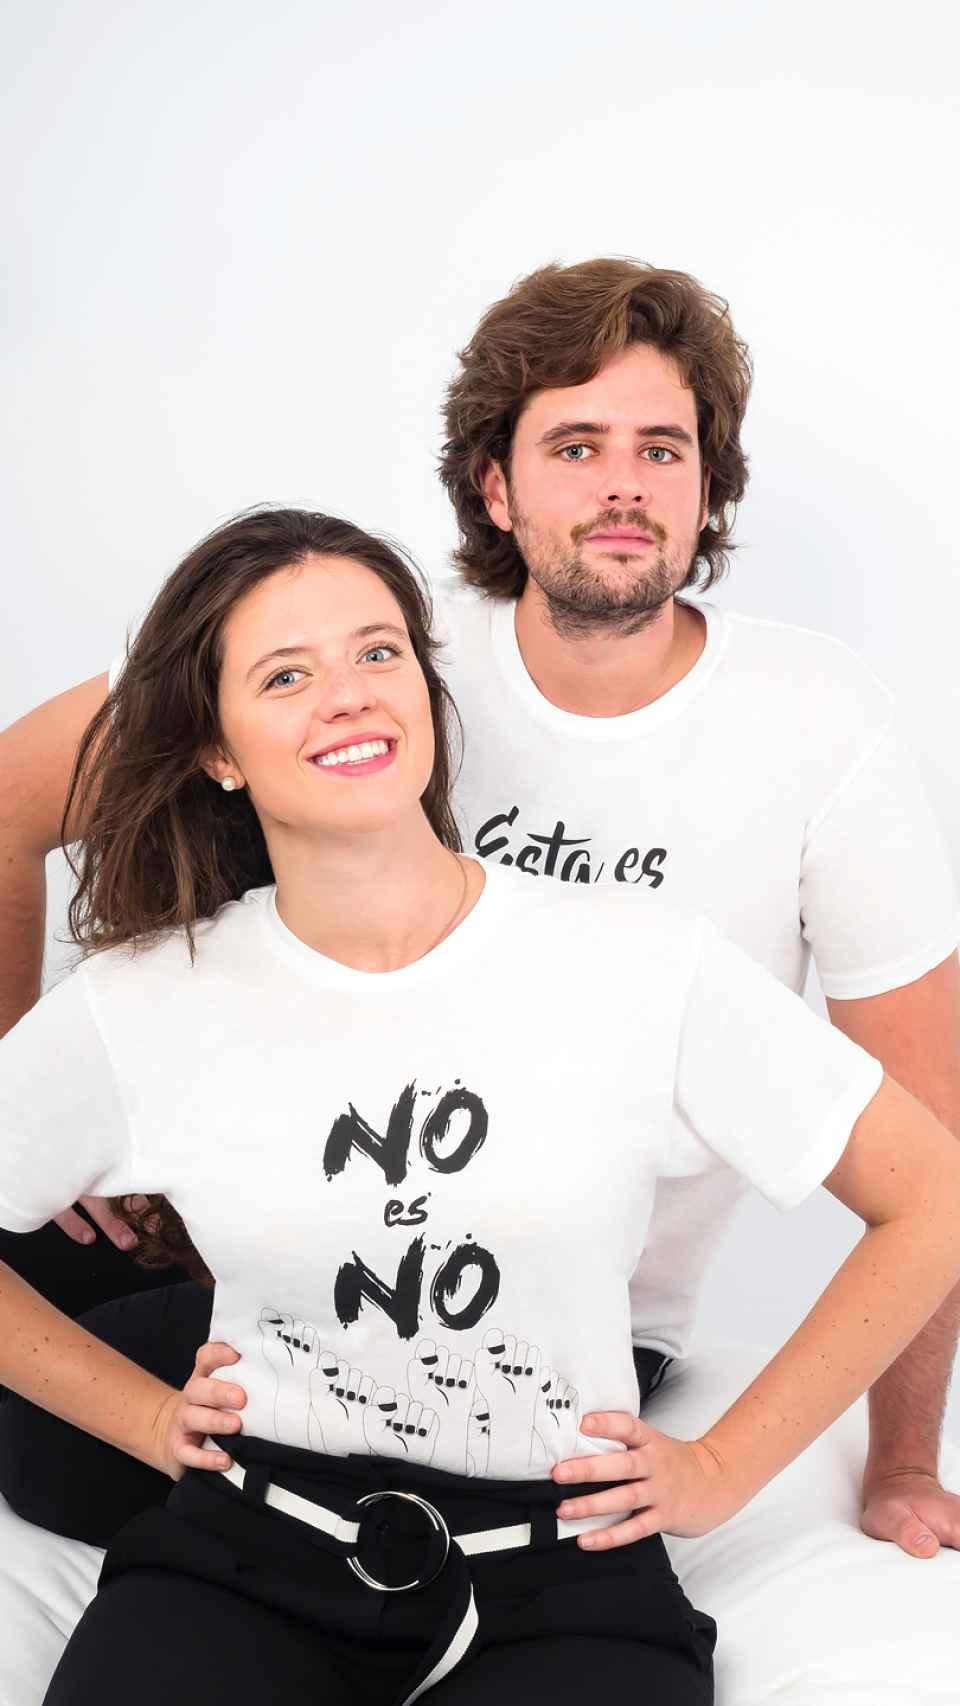 Los hermanos Blanca y Javier, creadores de la marca #YoSíTeCreo.